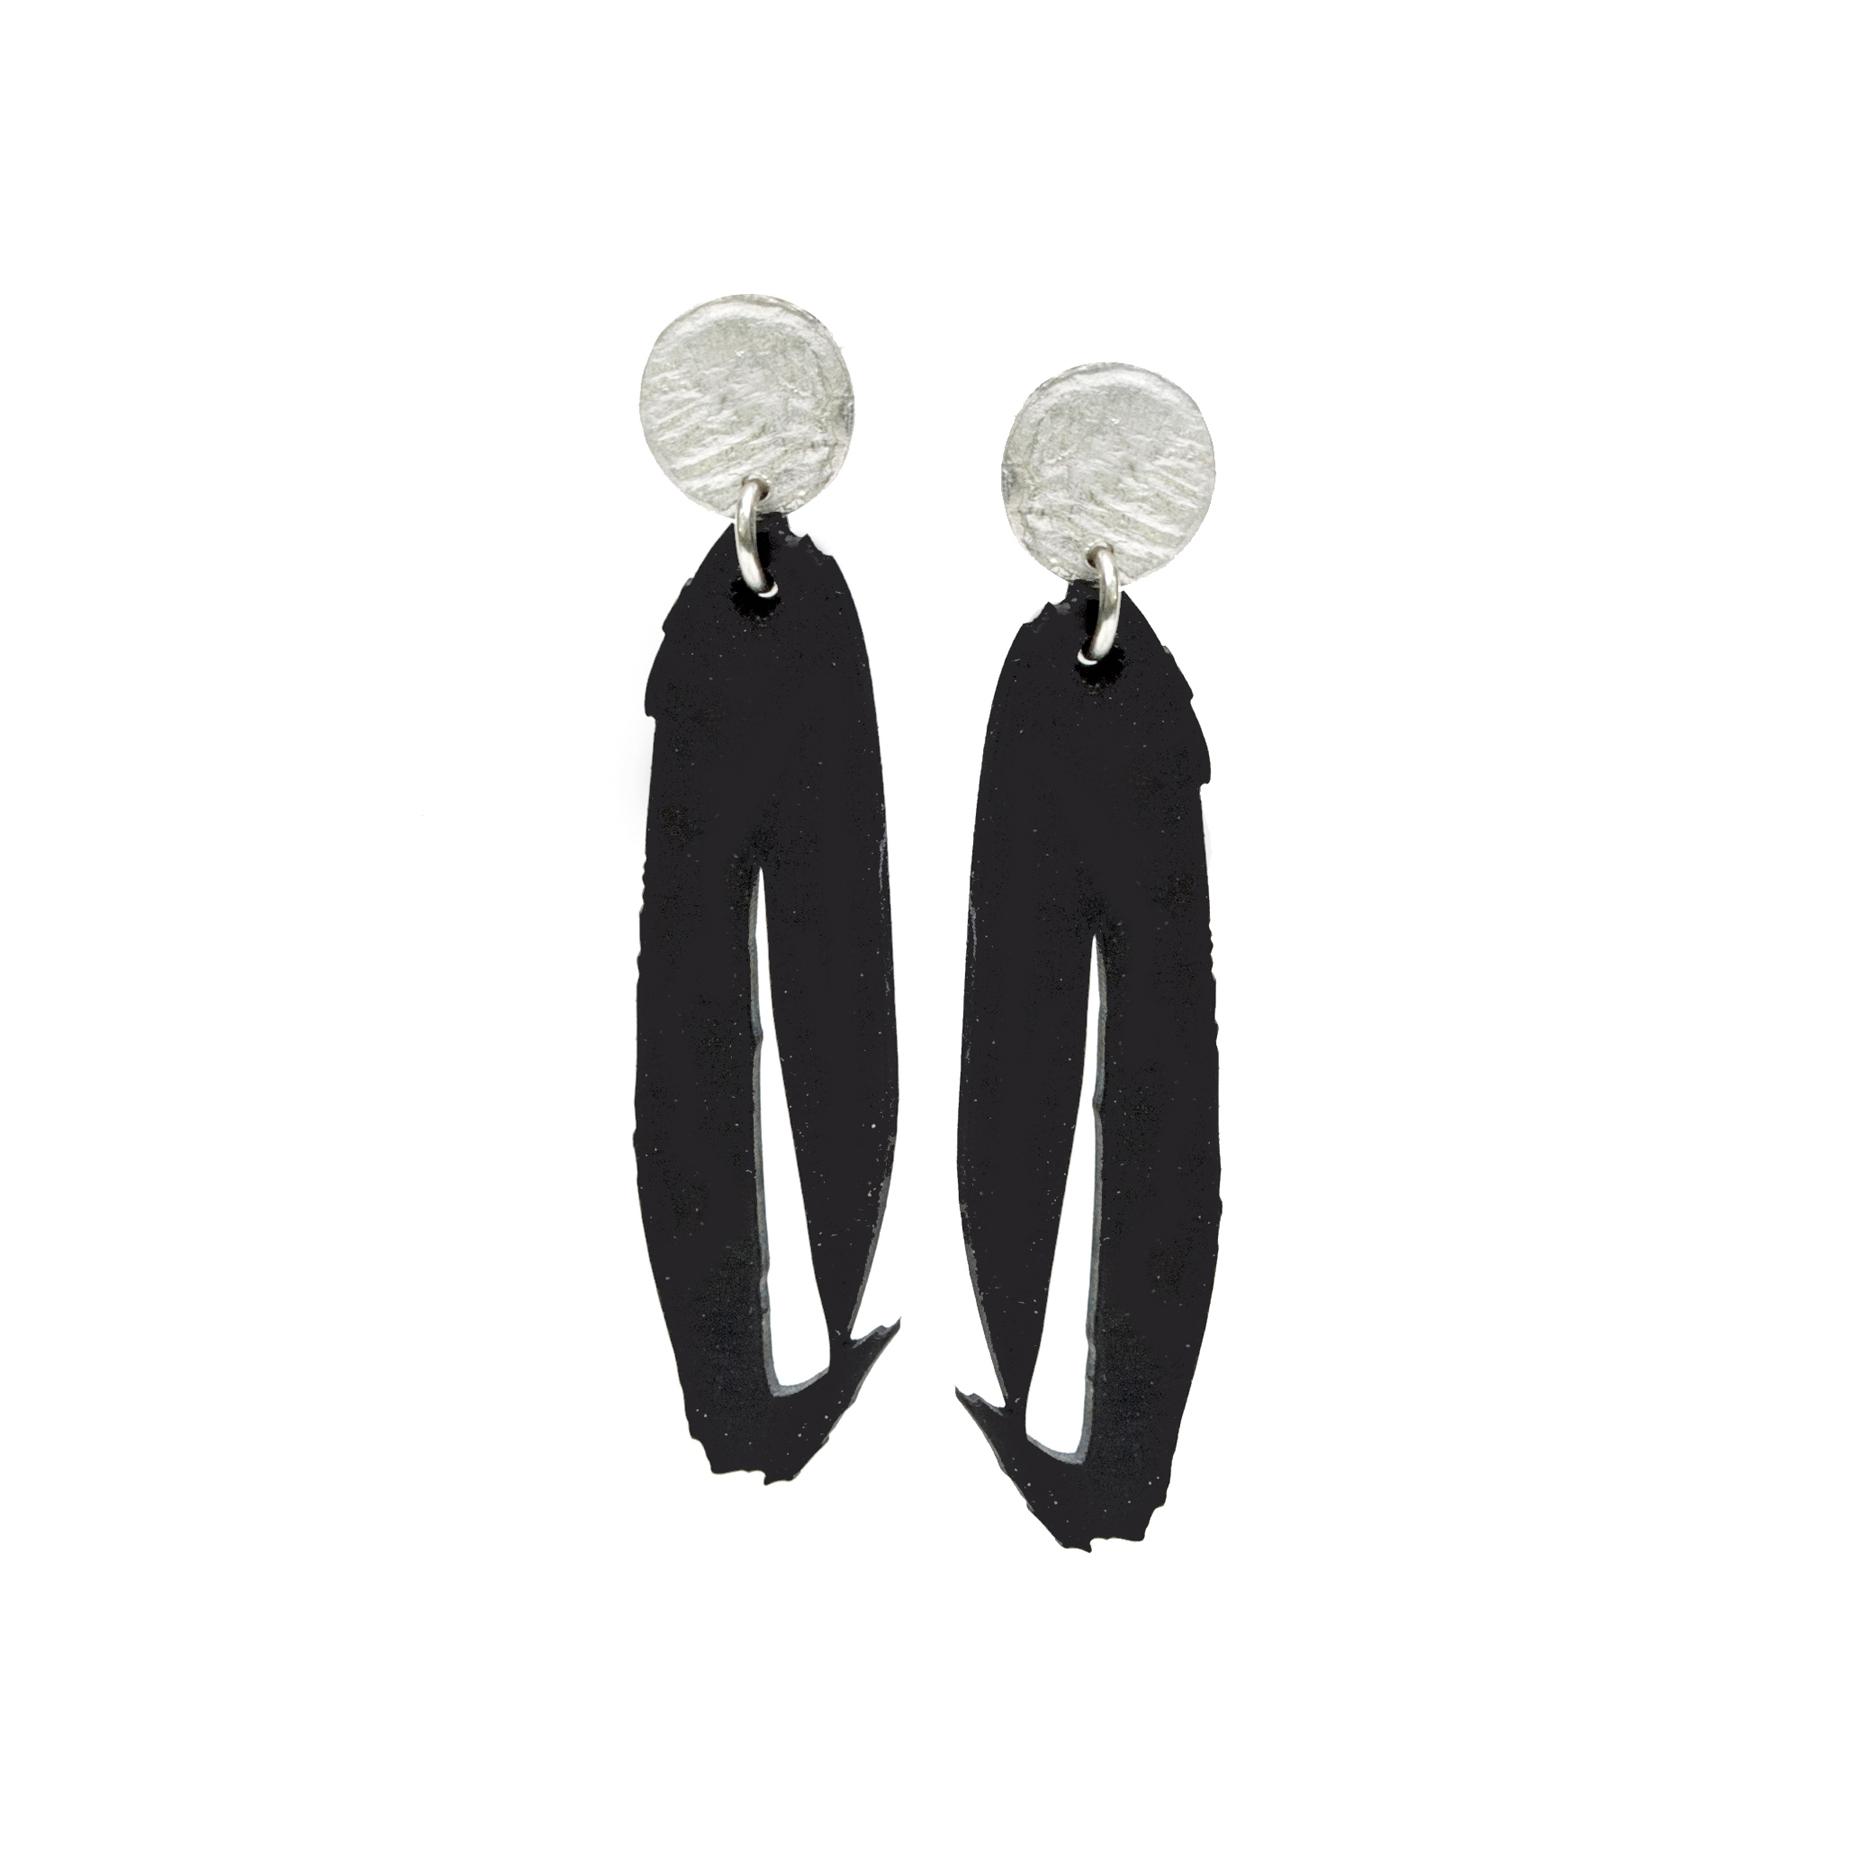 Ink Stroke Earrings